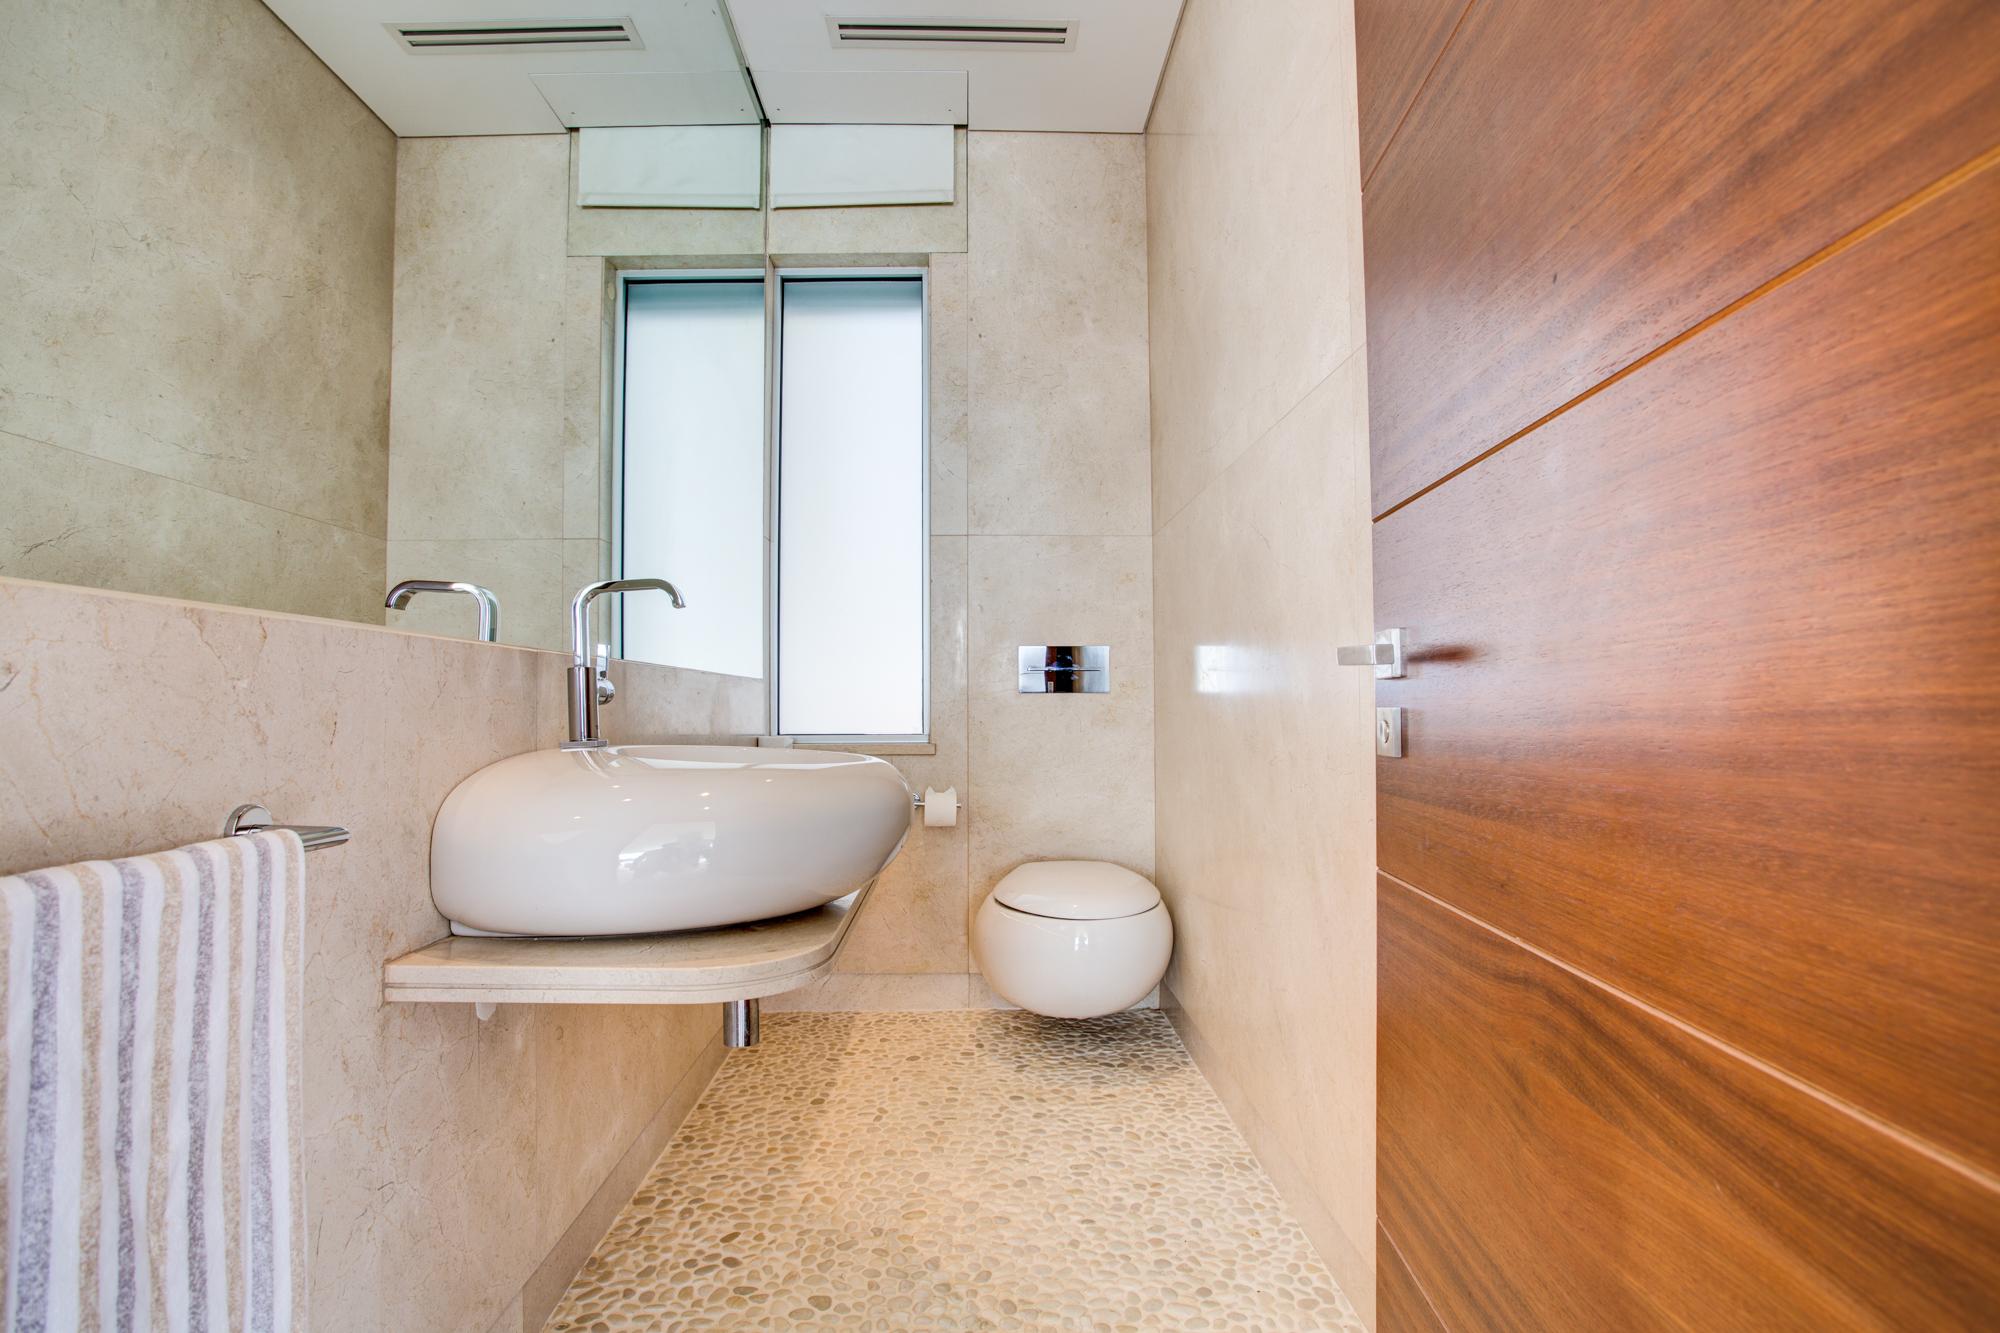 Villa Moon Sone, 5 bedroom prestige villa in Quinta do Lago, Algarve,bathroom1.jpg